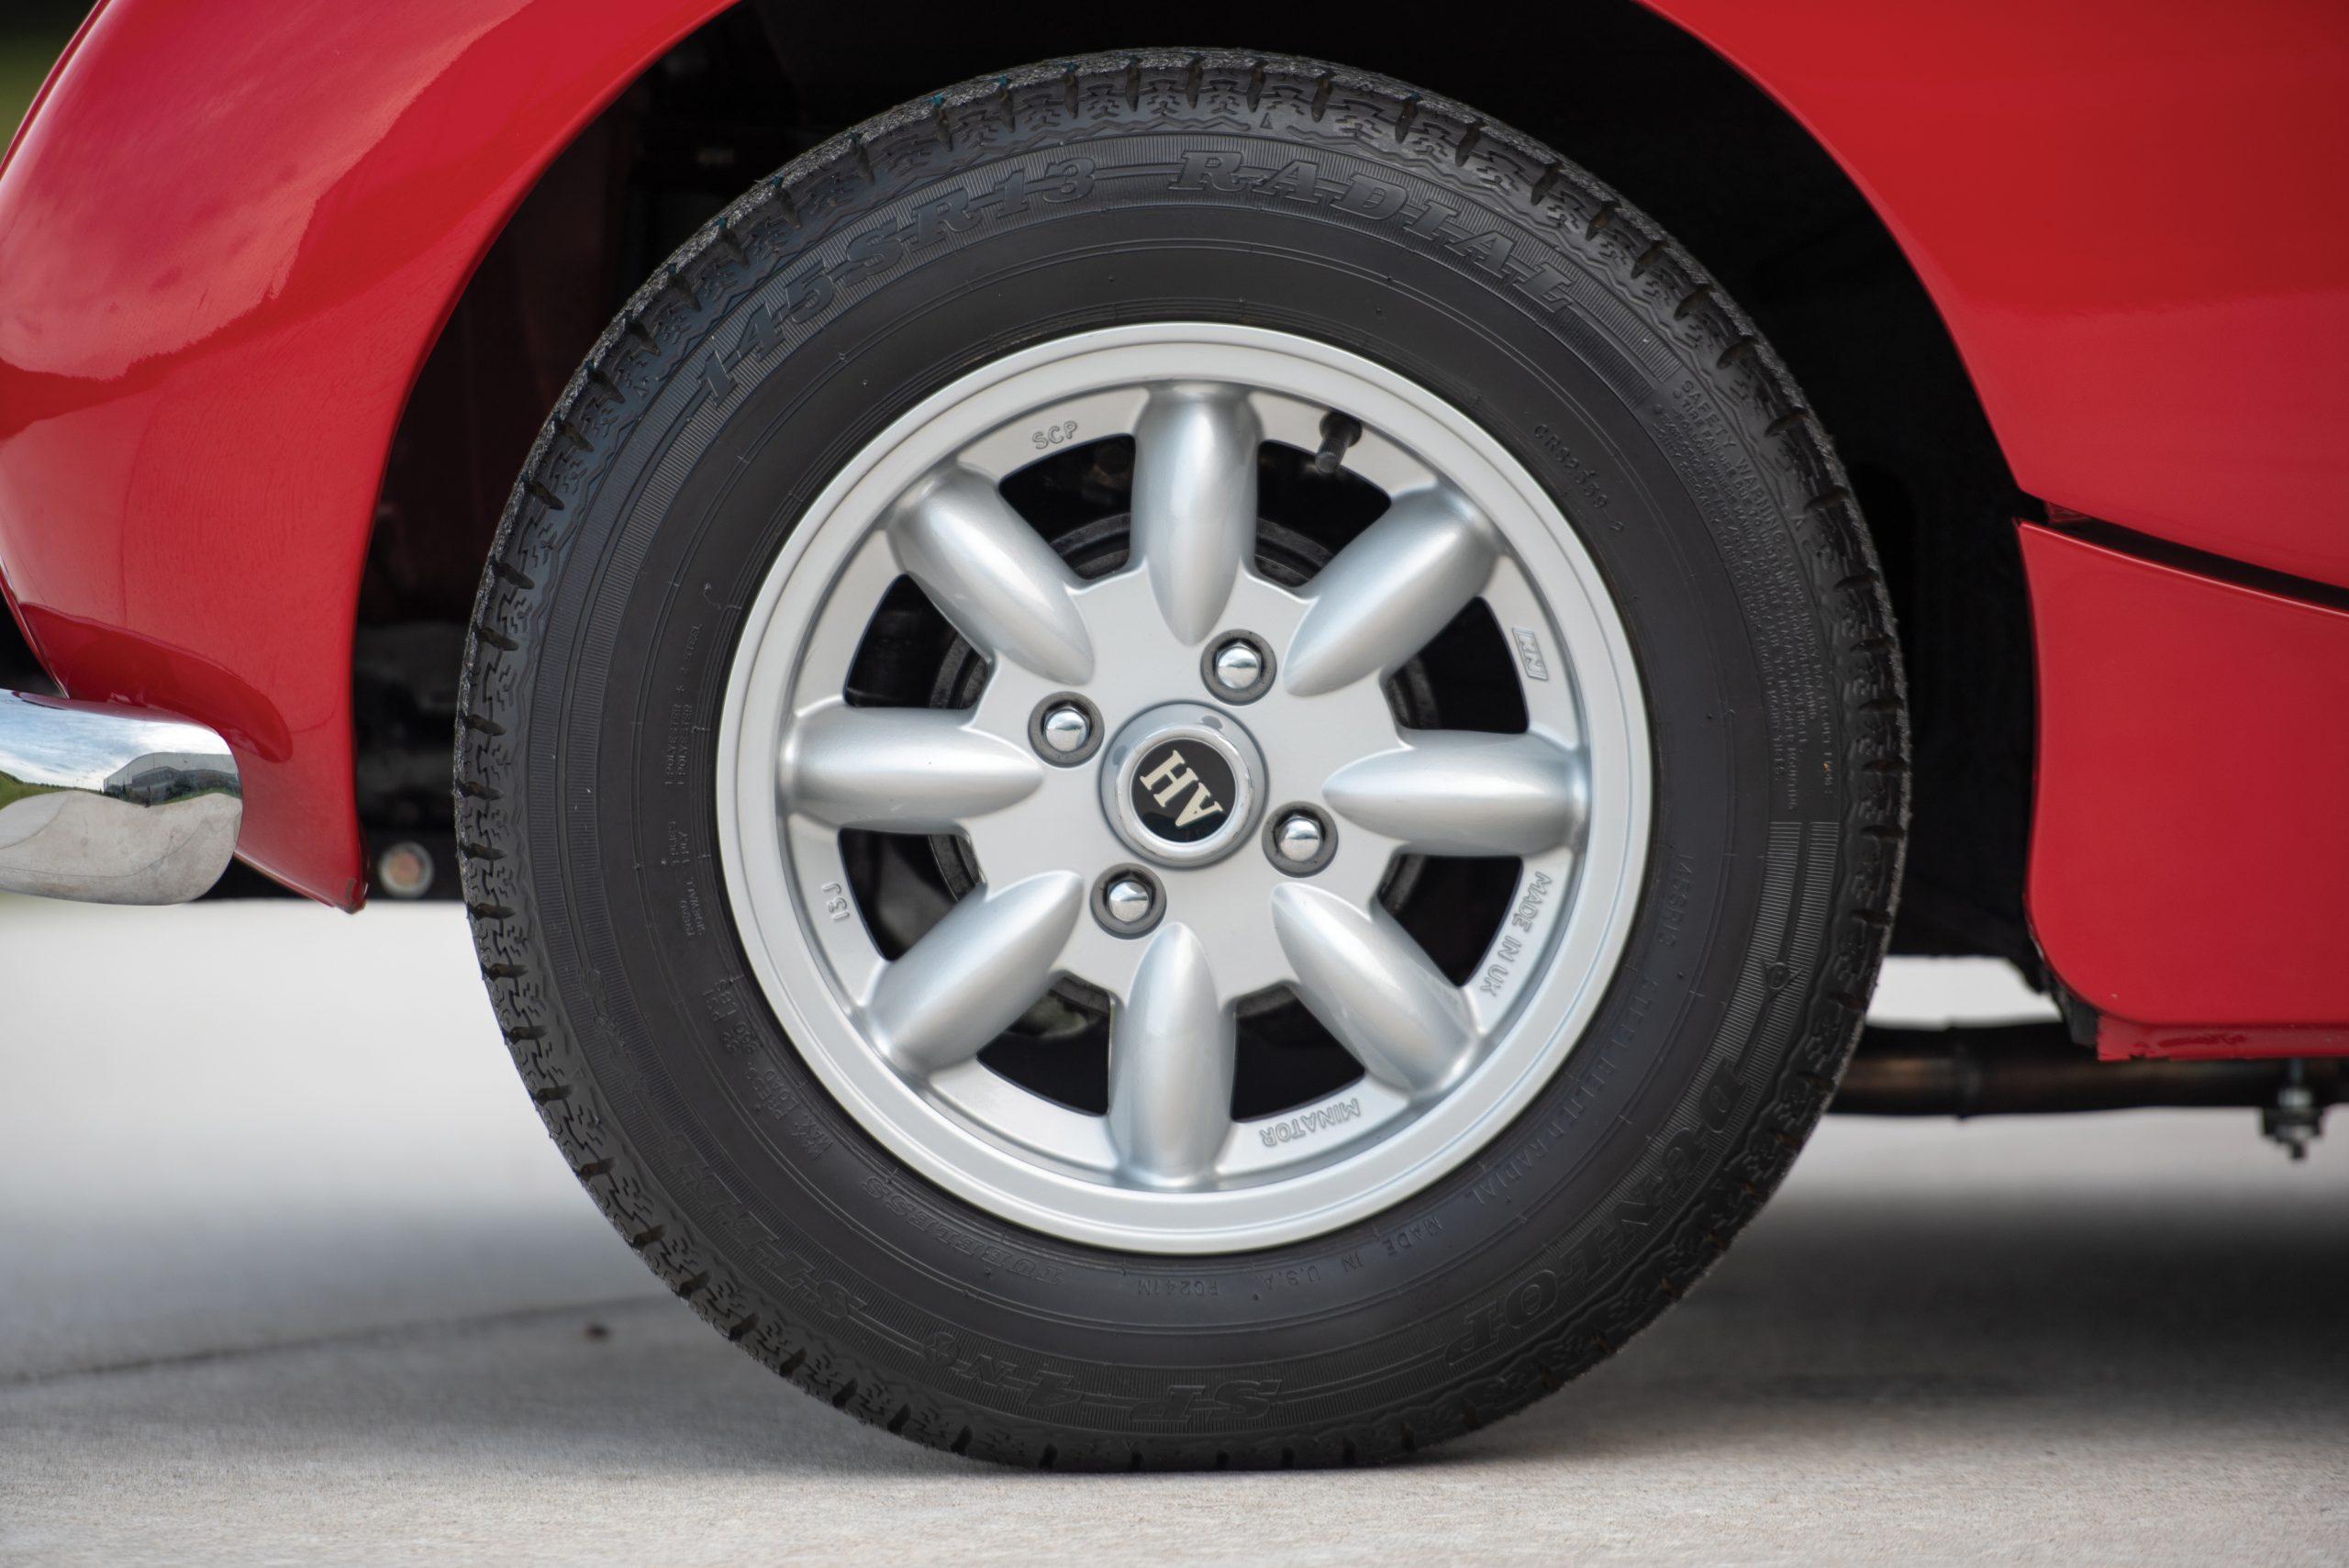 1959 Austin Healey Sprite Bugeye wheel